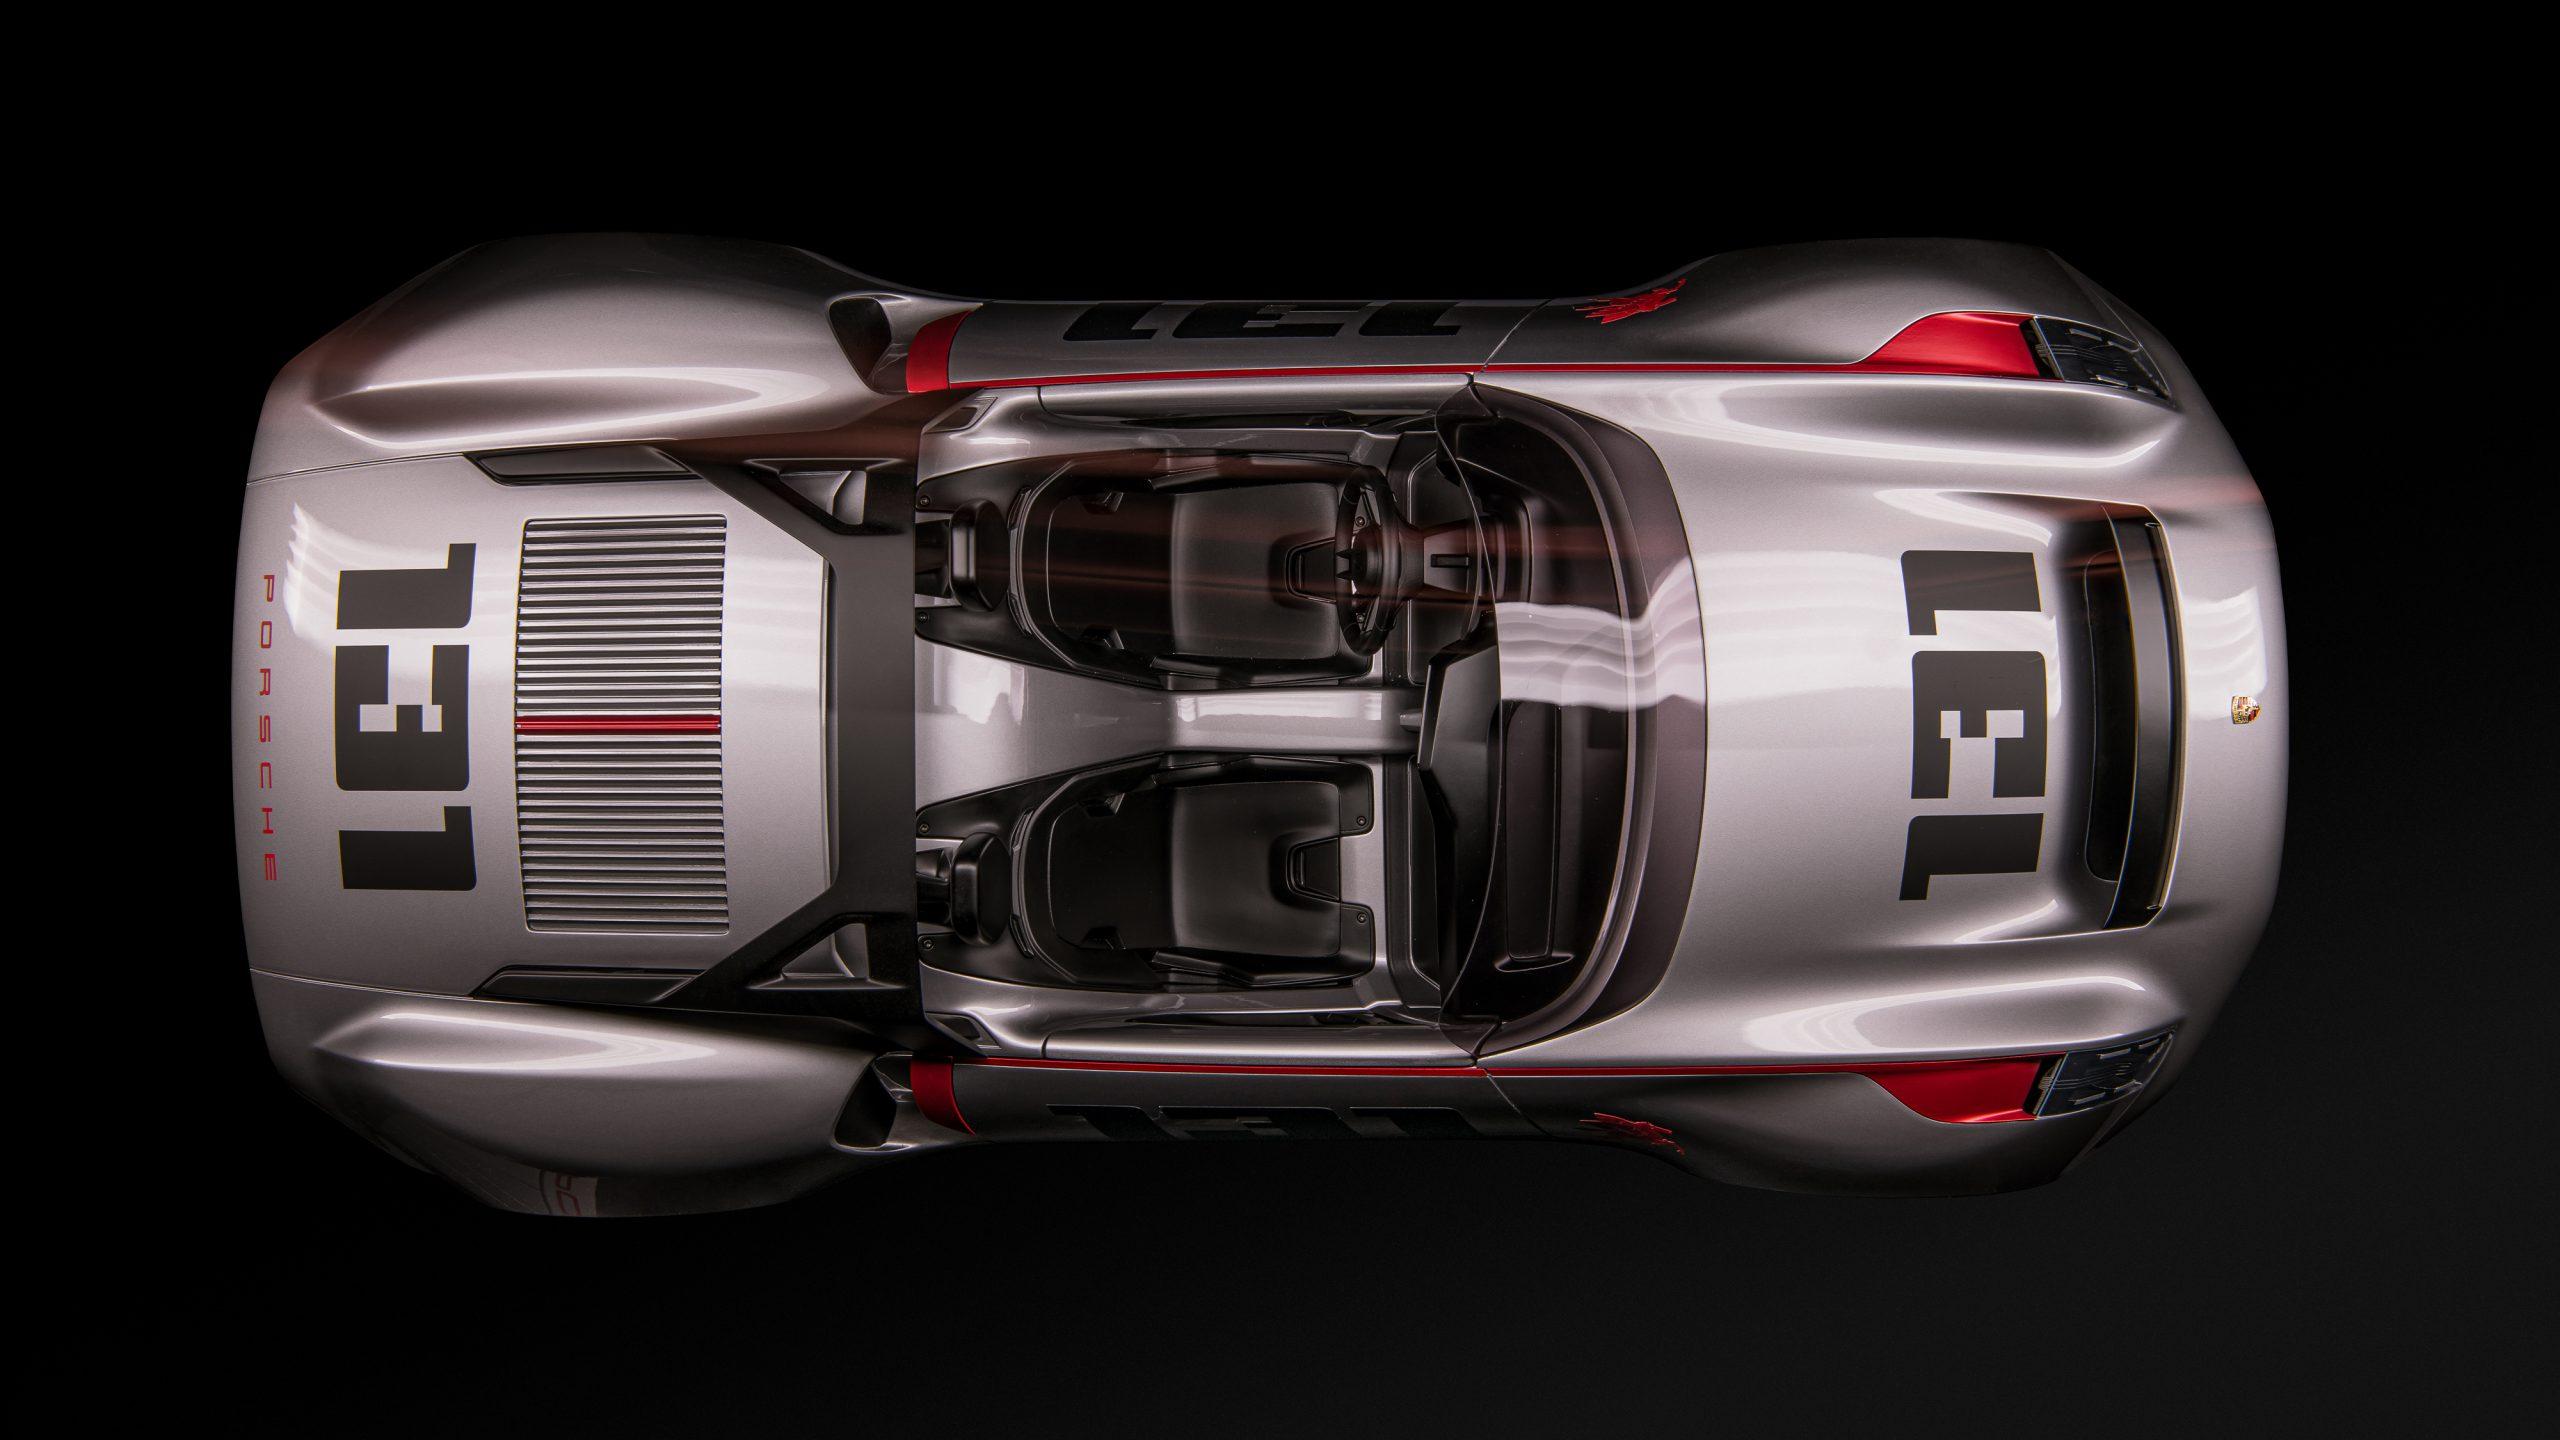 Porsche vision spyder top